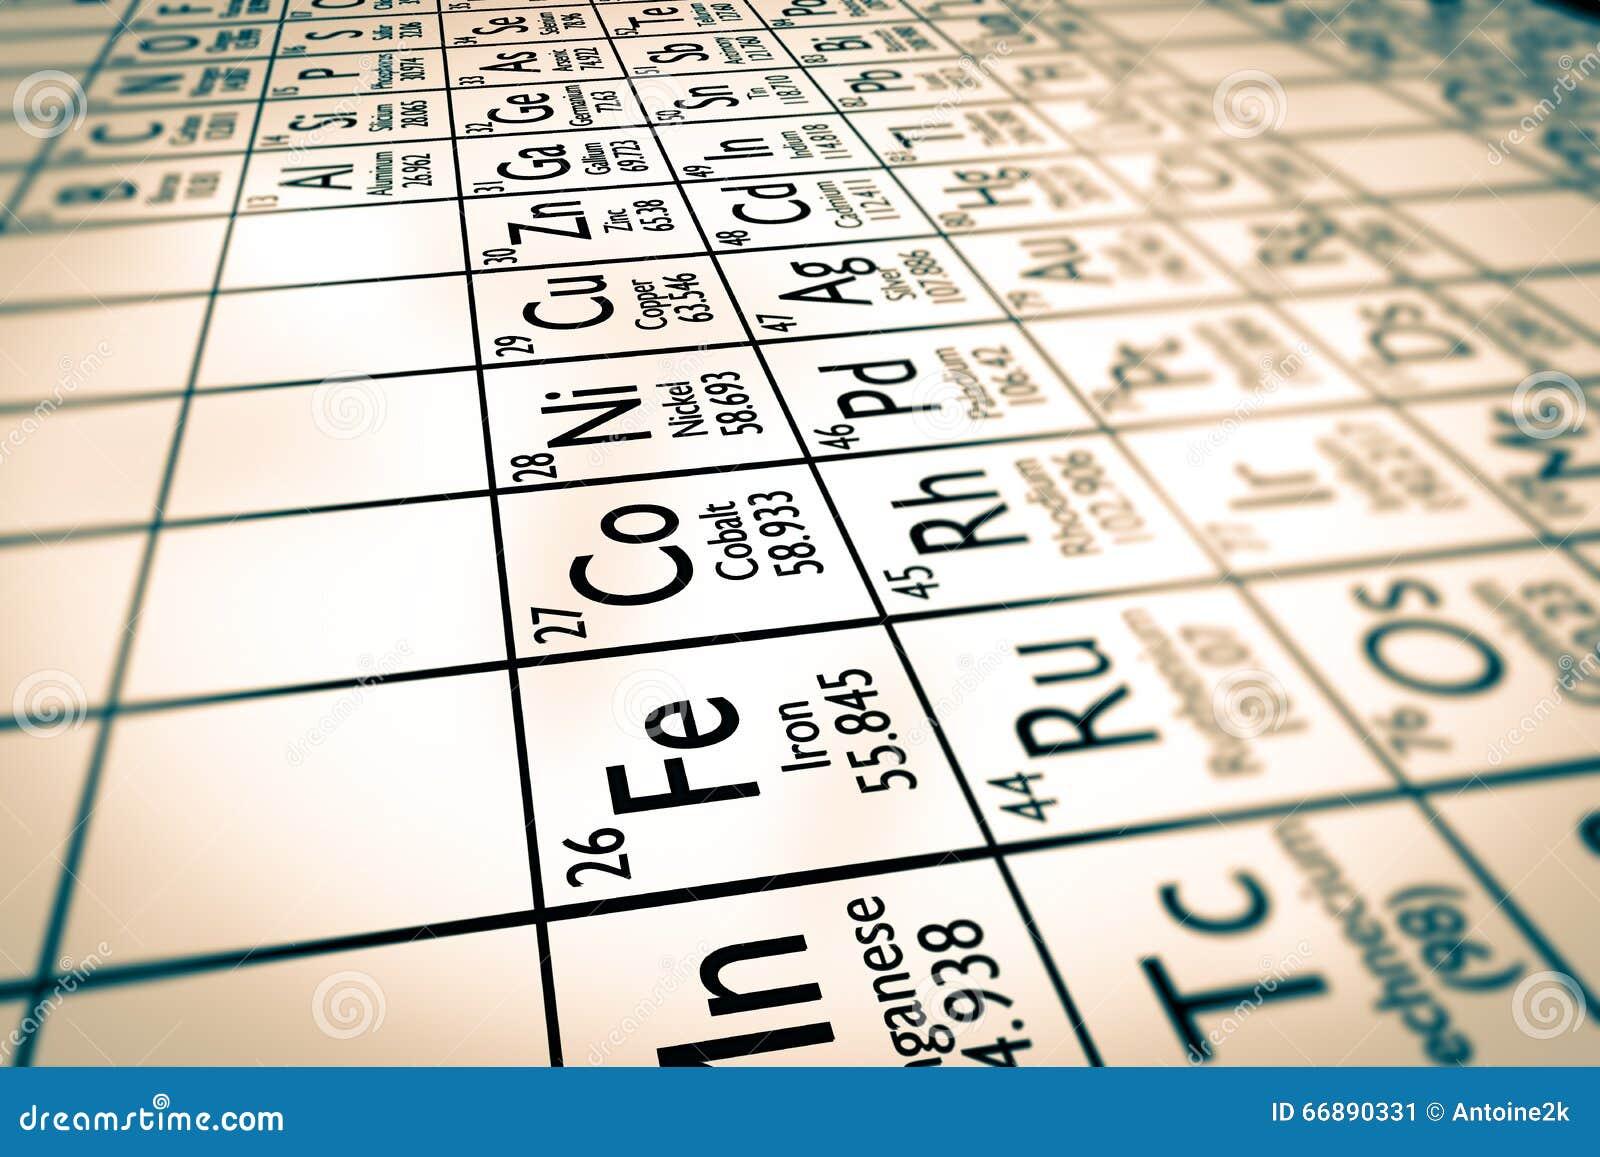 Foyer sur les éléments chimiques en métal de transition